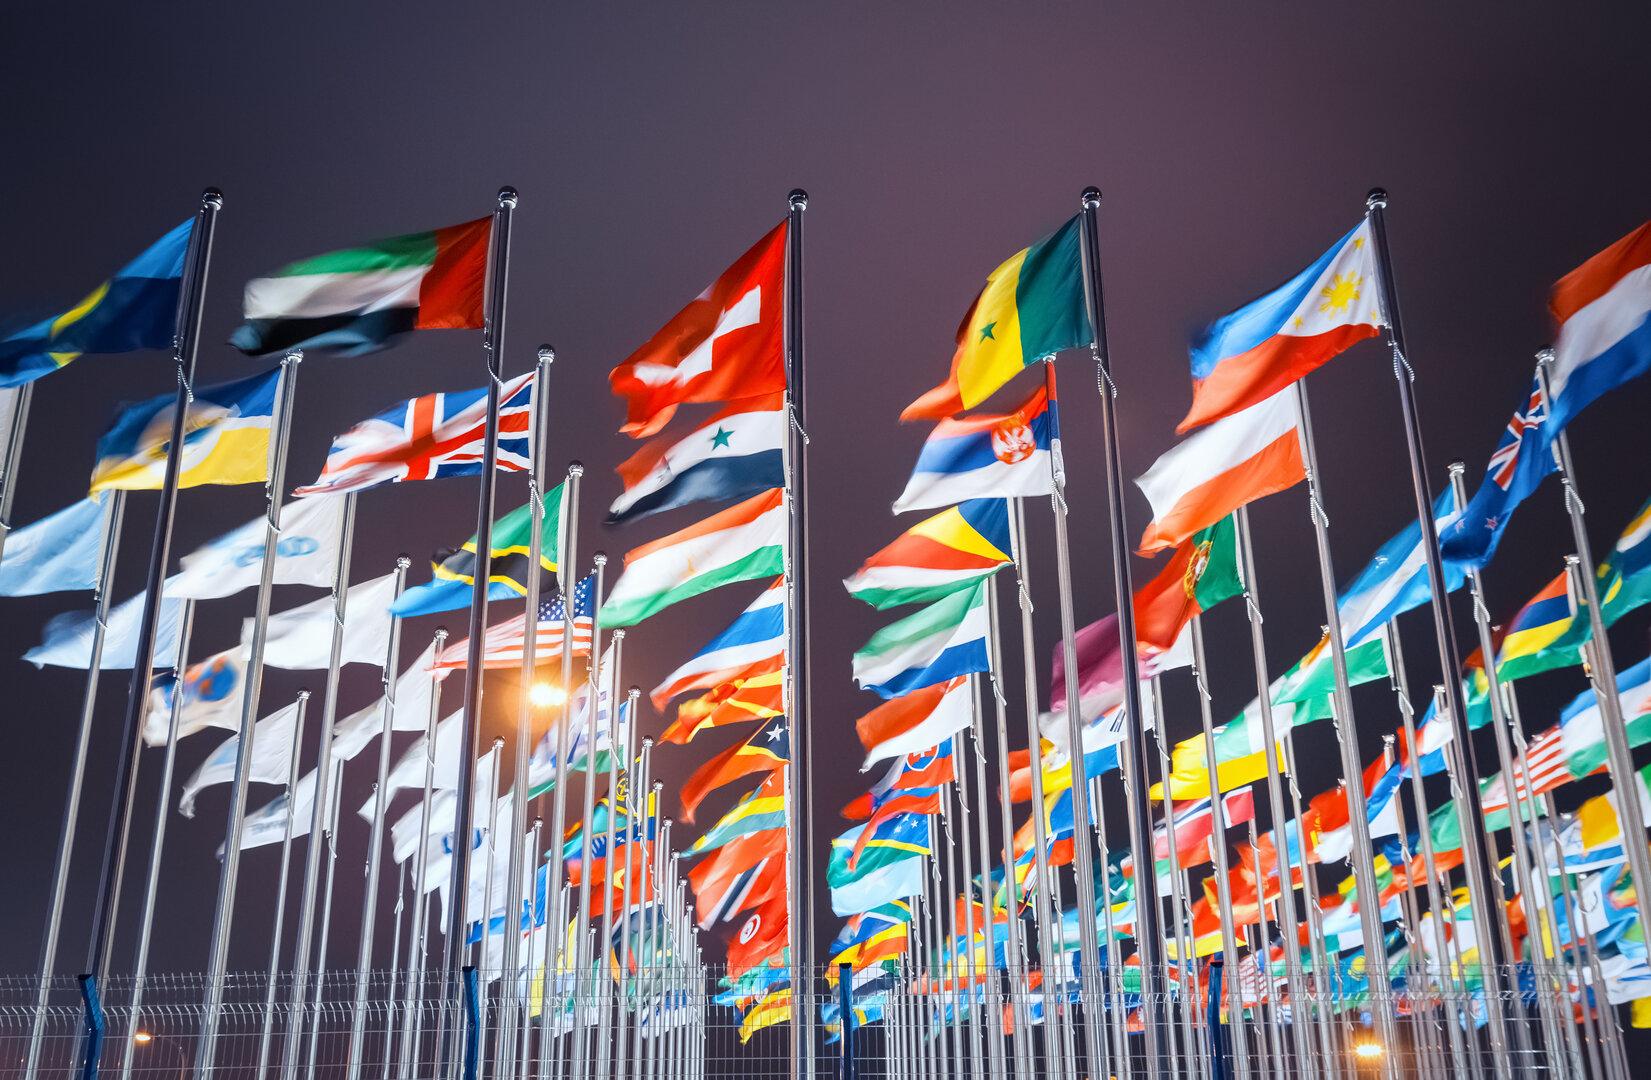 Conjunto de bandeiras de diversos países agitadas ao vento sobre fundo escuro